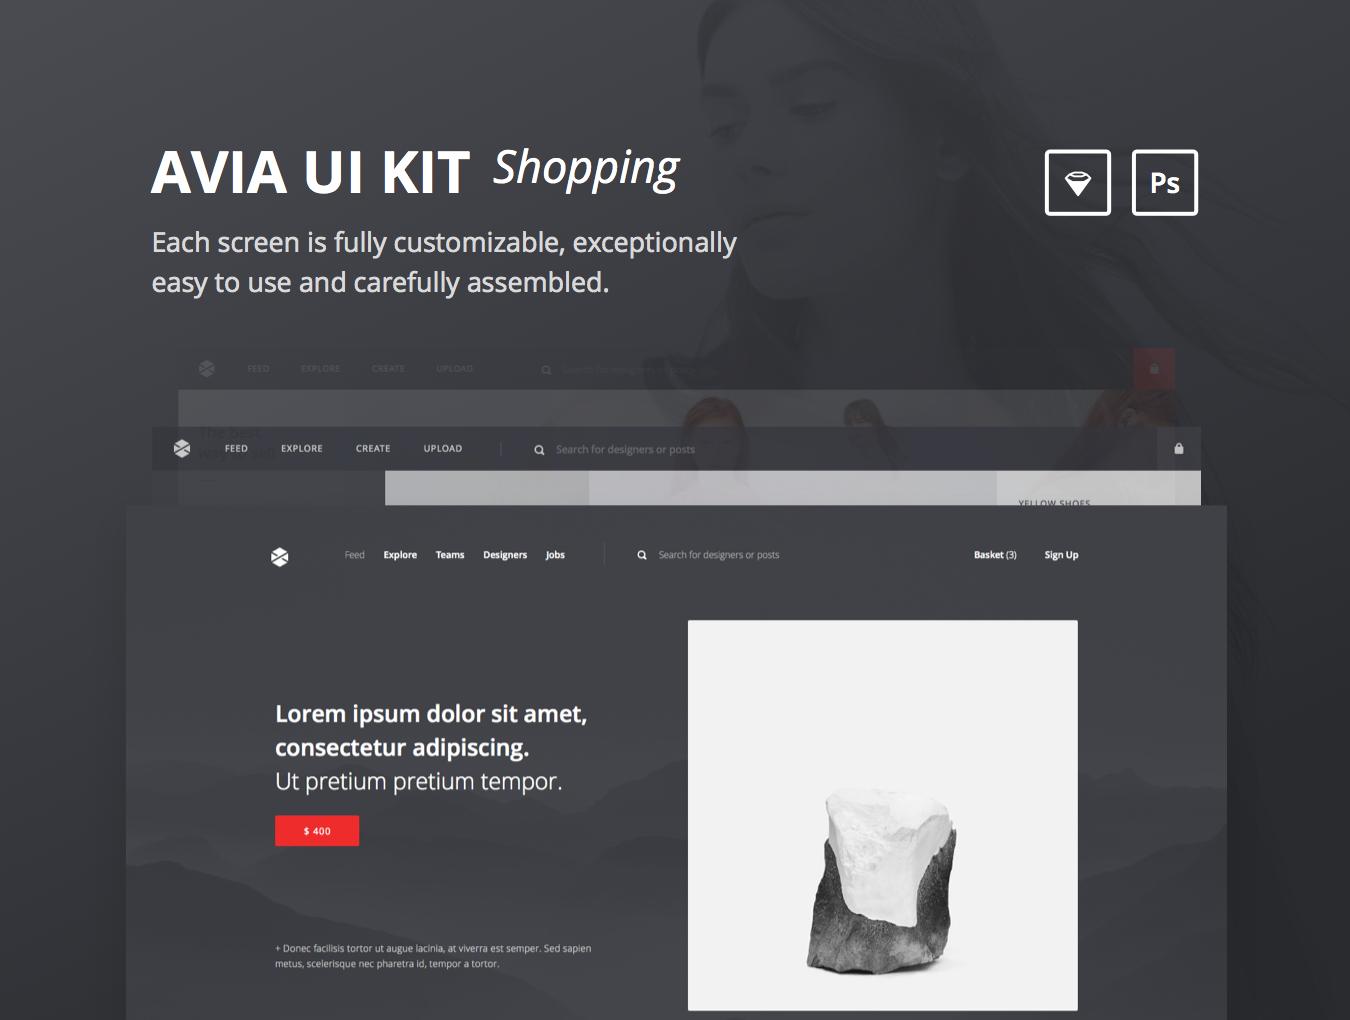 精美在线购物电子商城网站UI设计模板 Avia UI Kit: Shopping插图